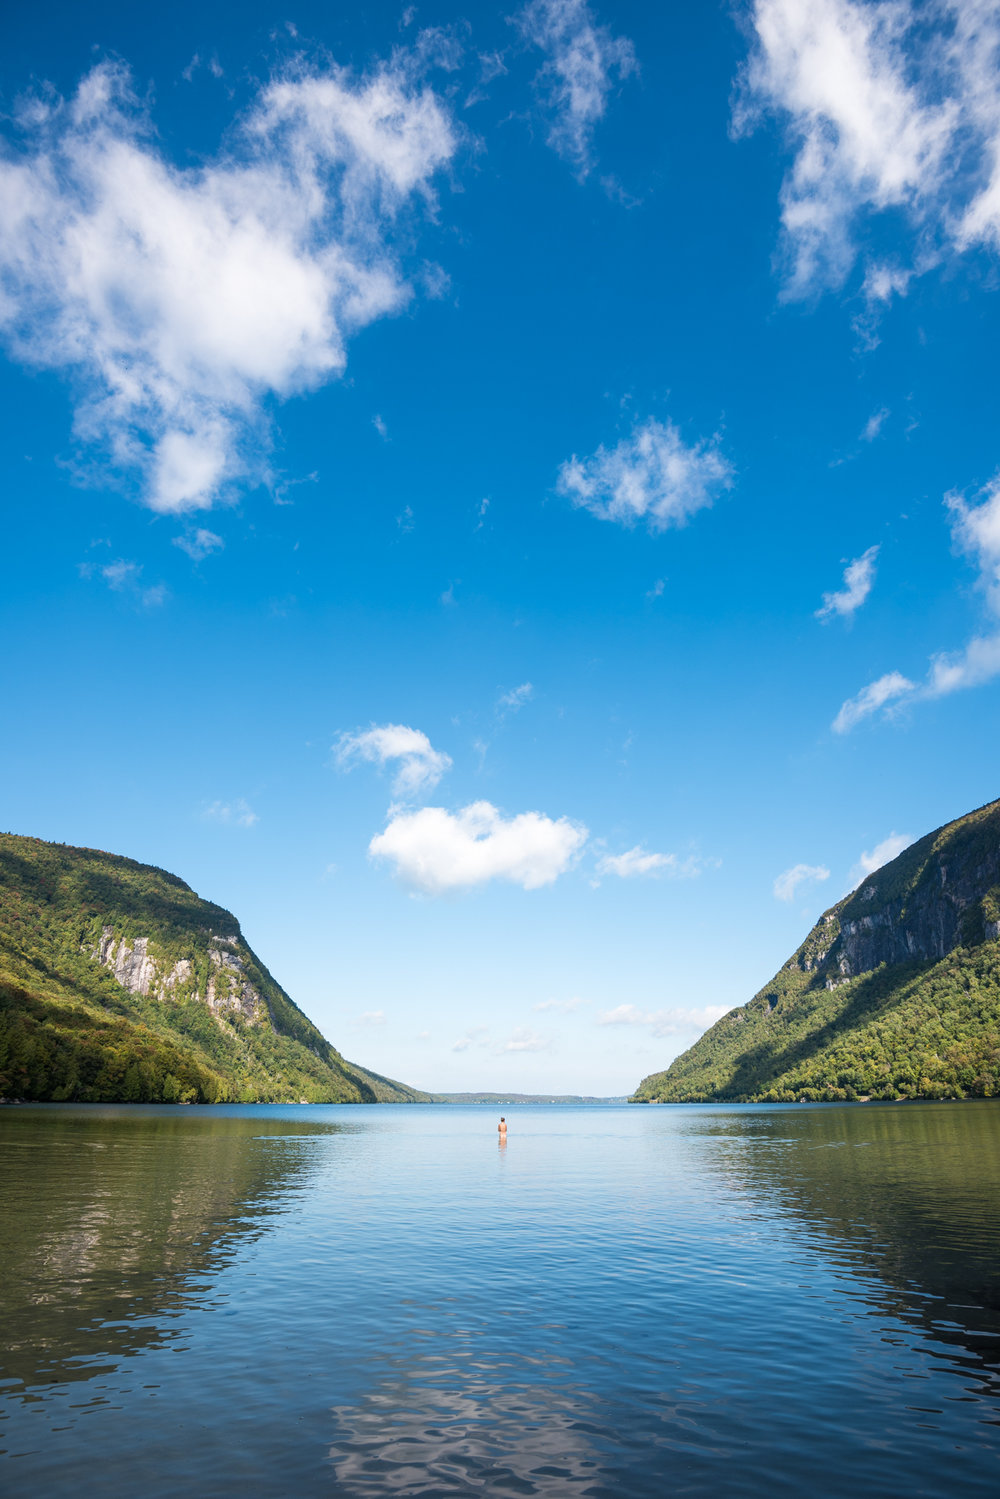 Nathanael_Asaro- Lake Willoughby.jpg